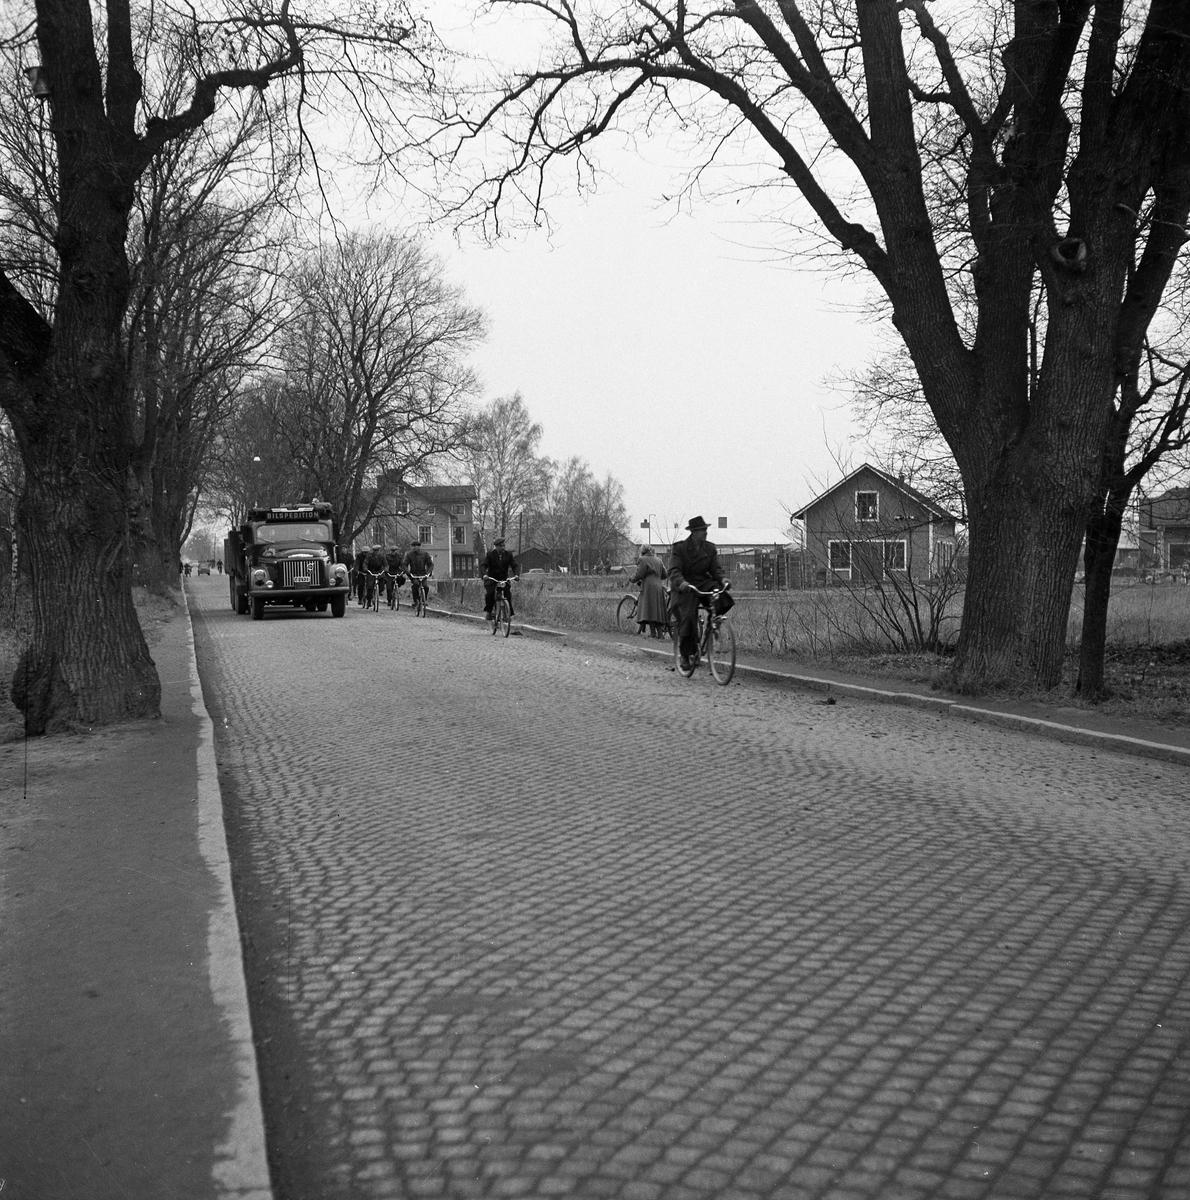 Jädersvägen En lastbil och människor som cyklar